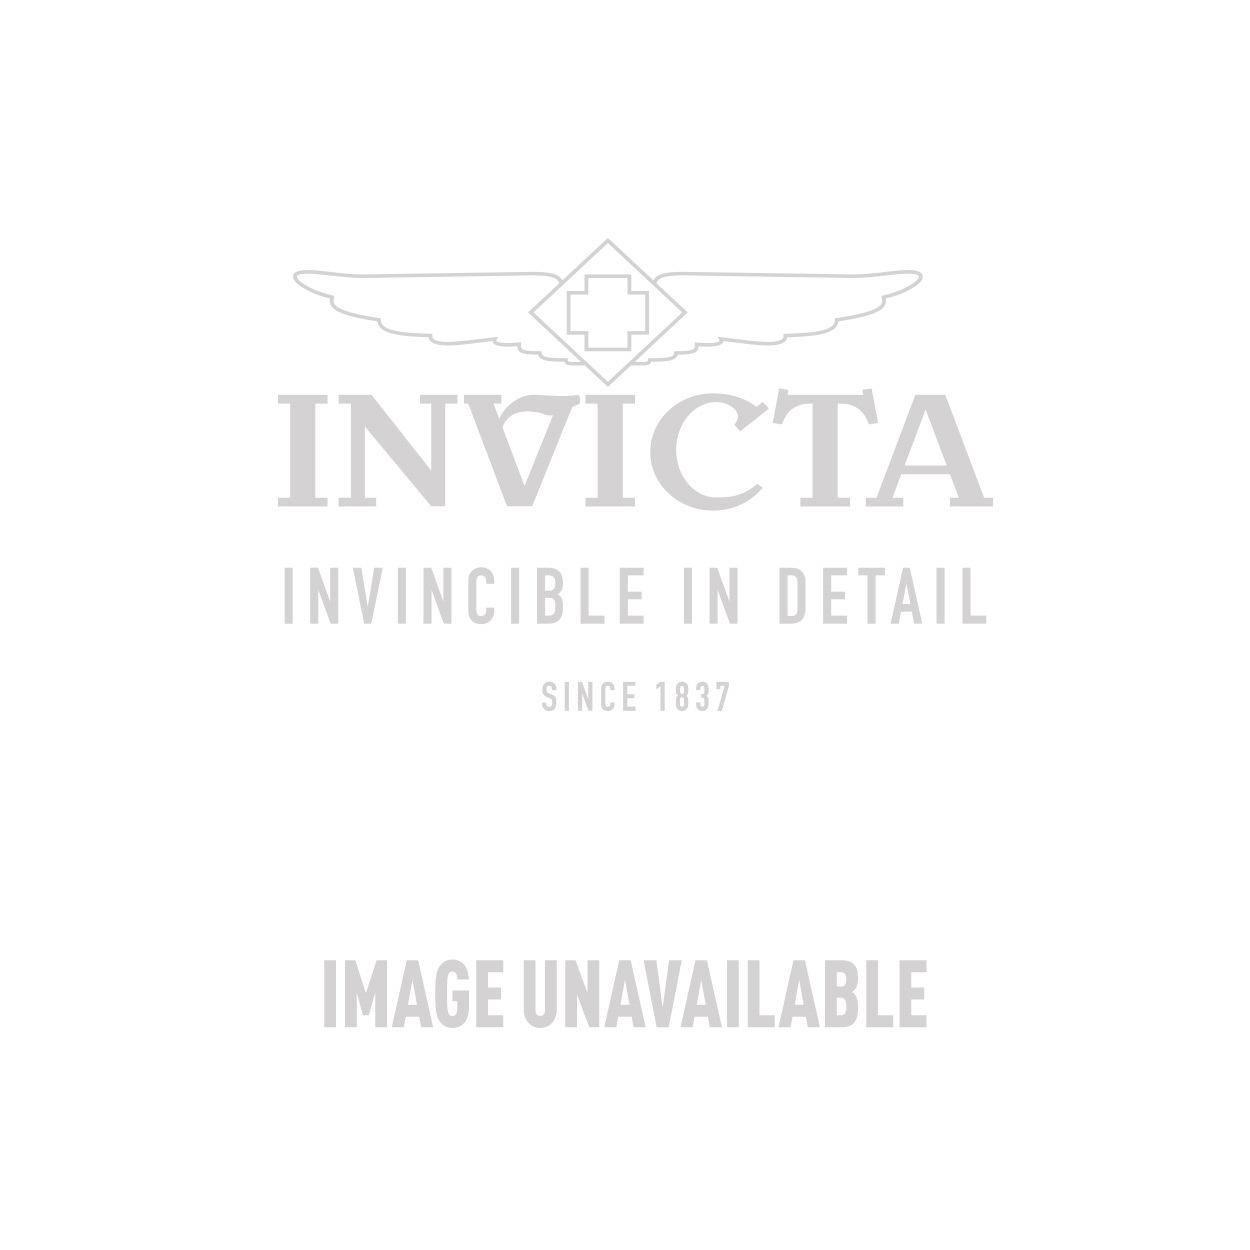 Invicta Model 28168